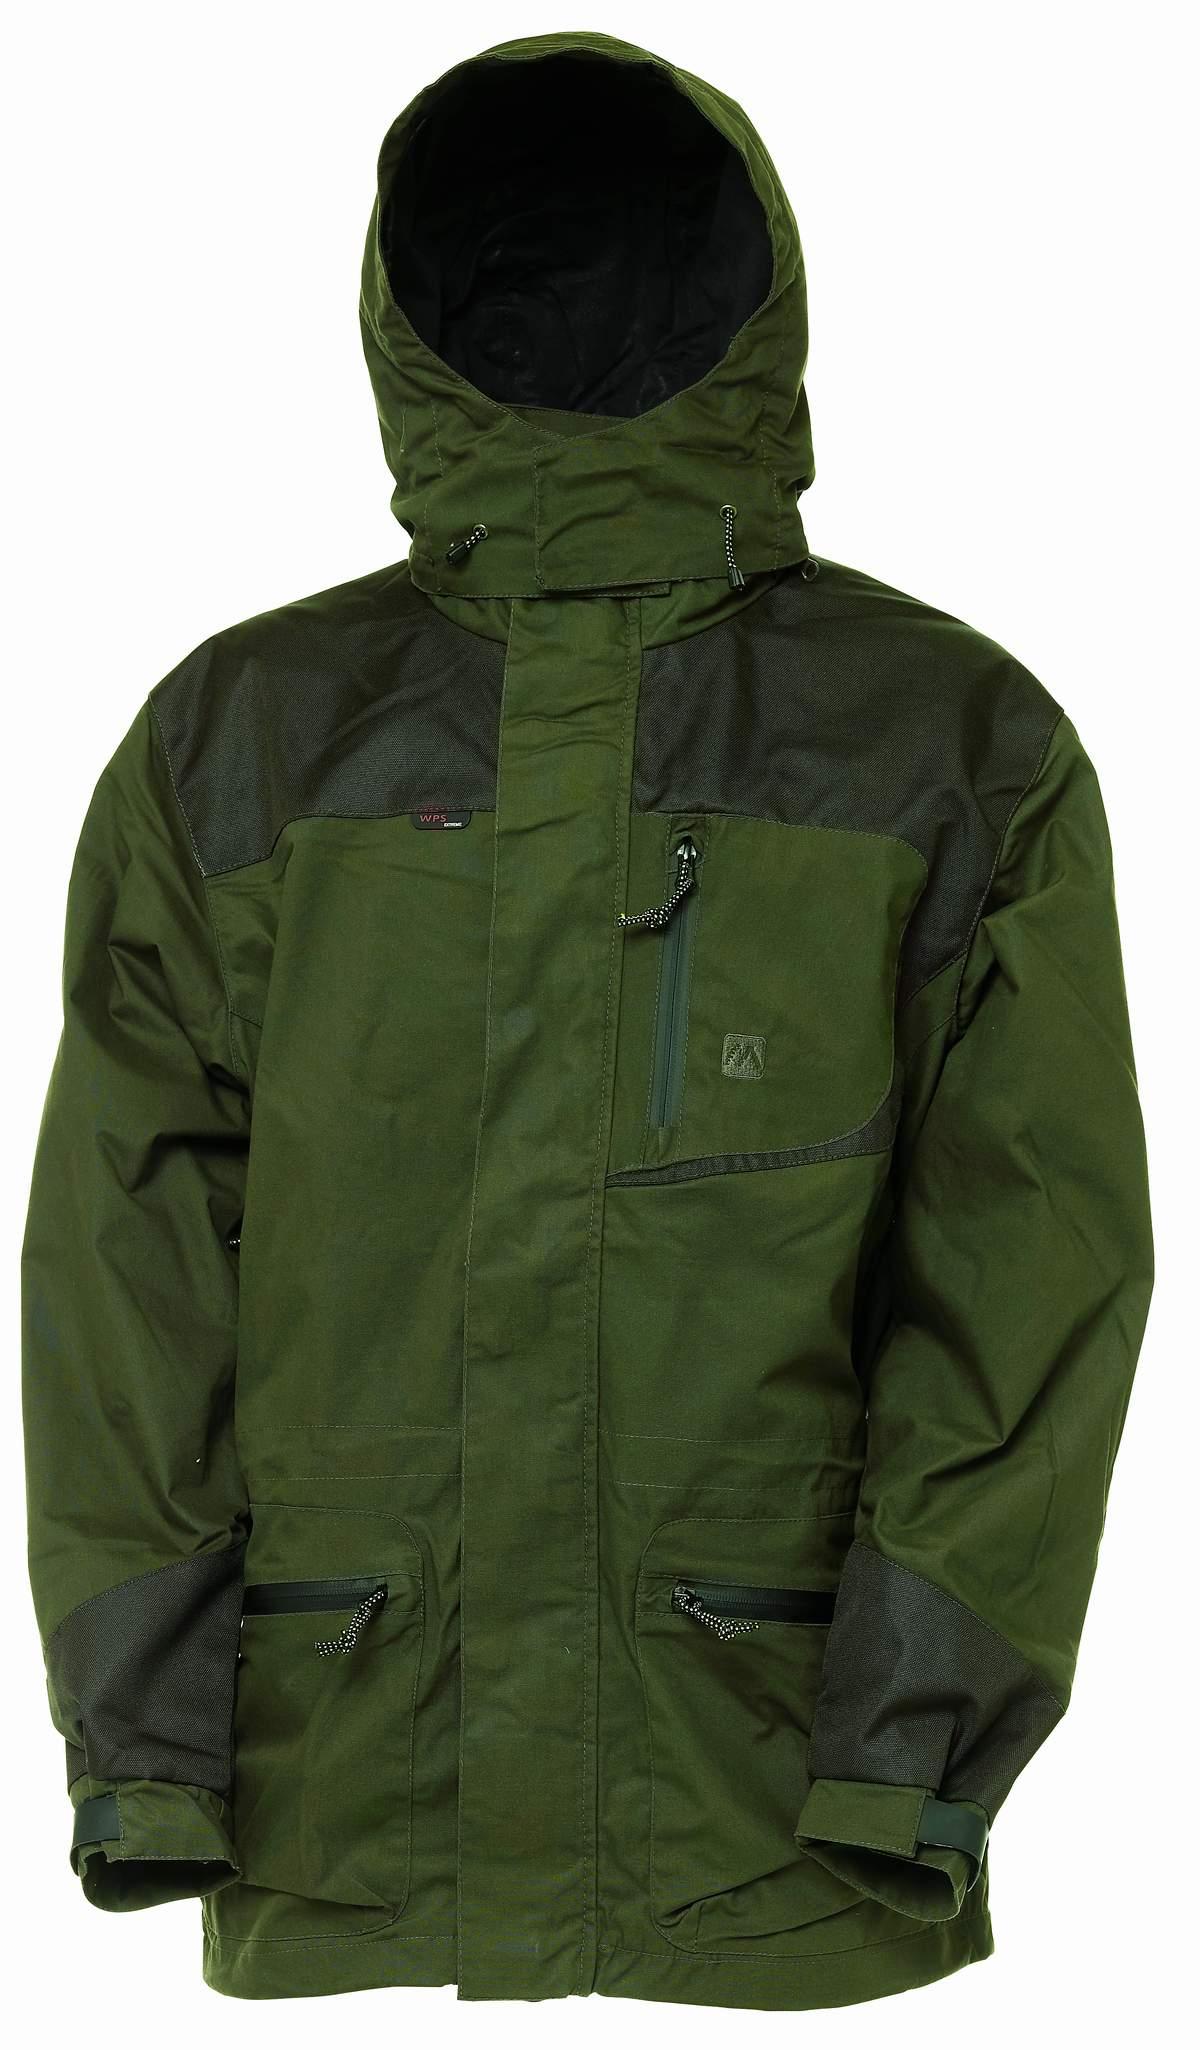 N/A – Move mountains brimnes jacket fra fiskegrej.dk